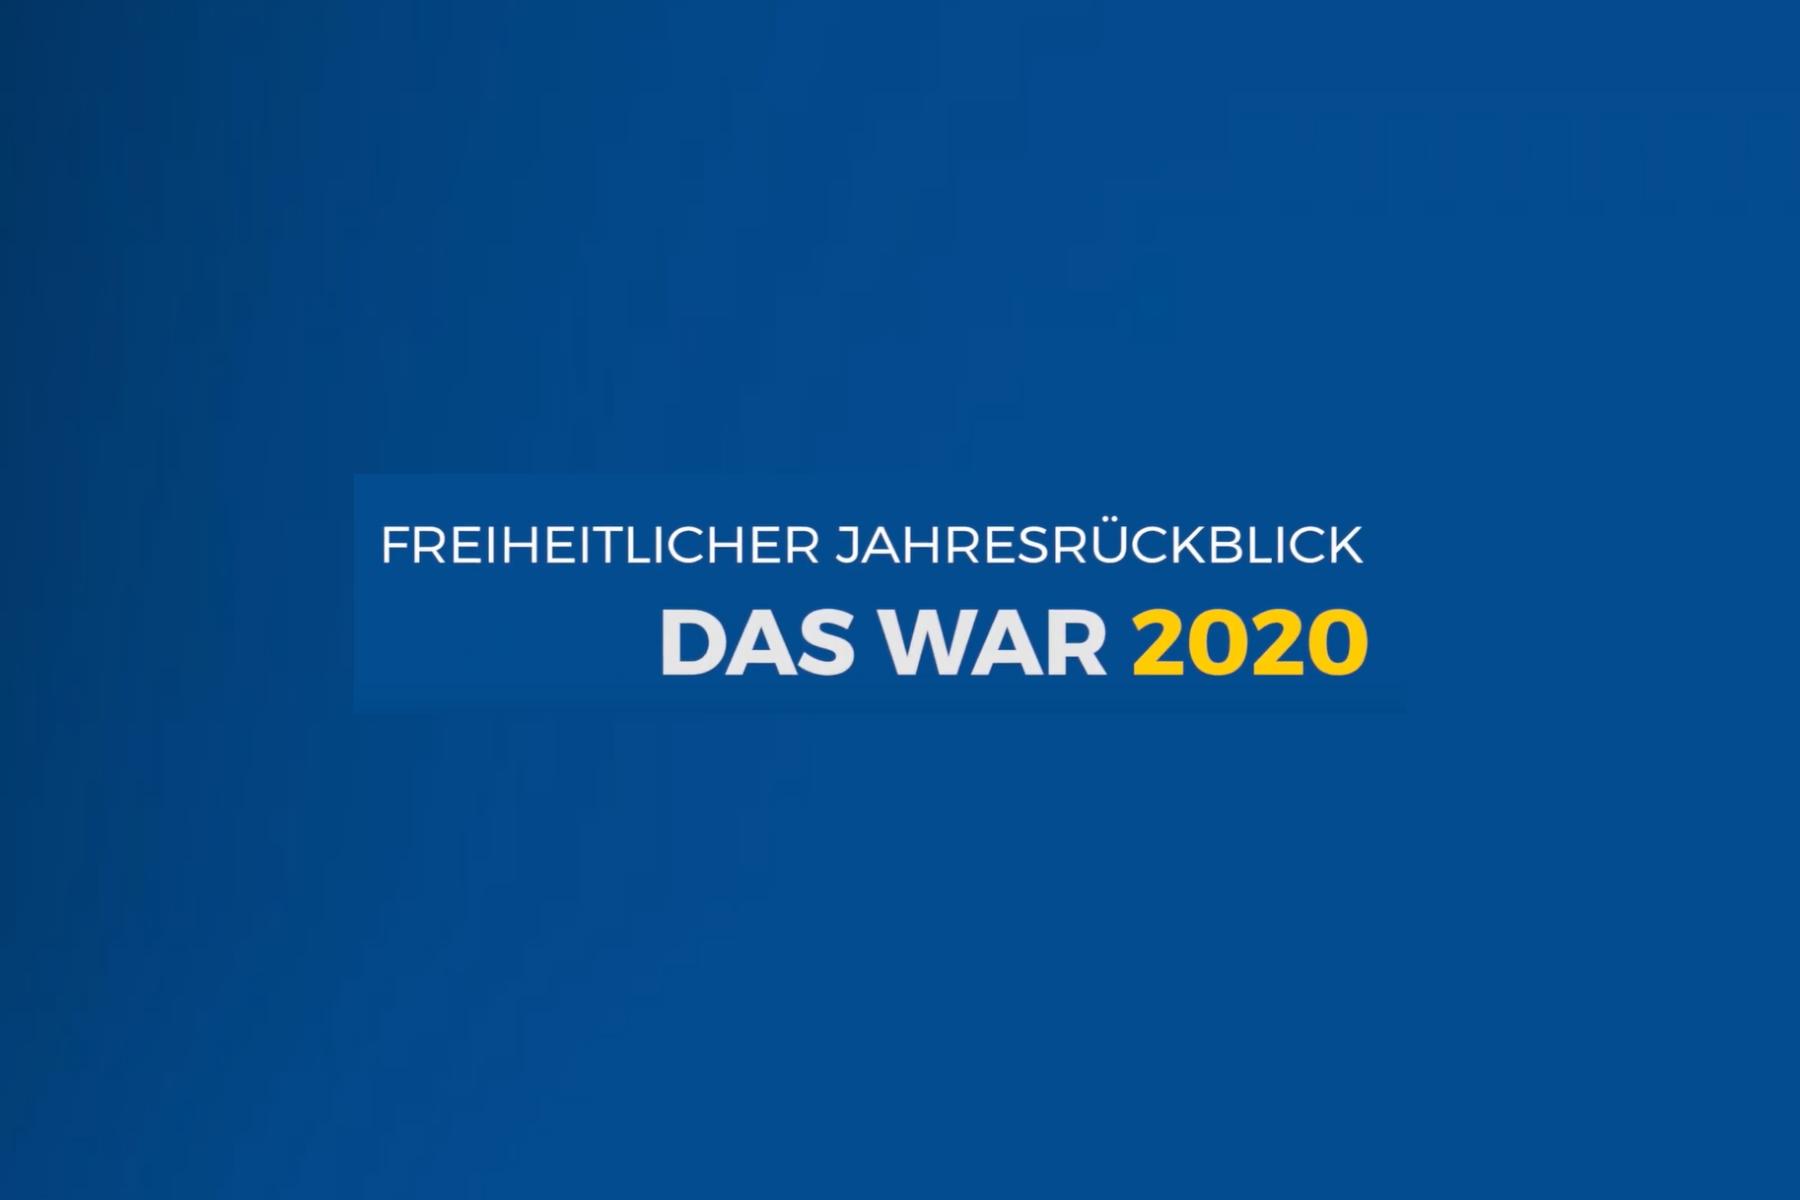 Das war 2020 – Freiheitlicher Jahresrückblick im Video